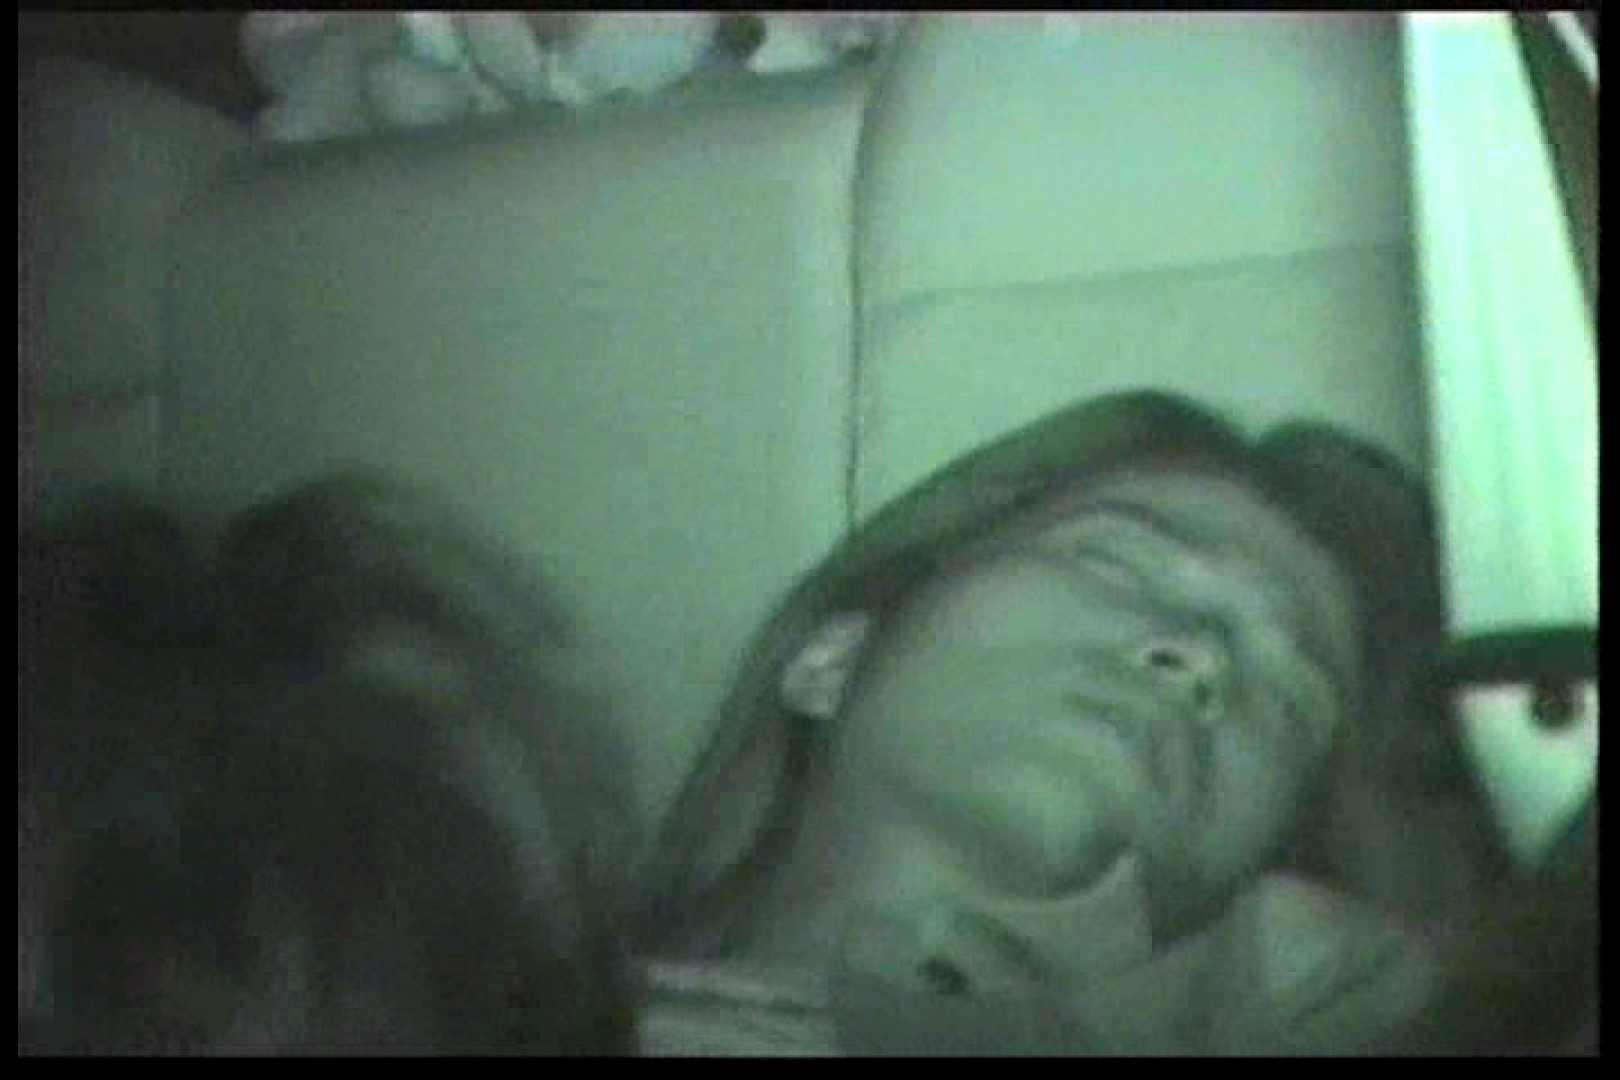 カーセックス未編集・無修正版 Vol.9後編 OLセックス 盗撮アダルト動画キャプチャ 109画像 18